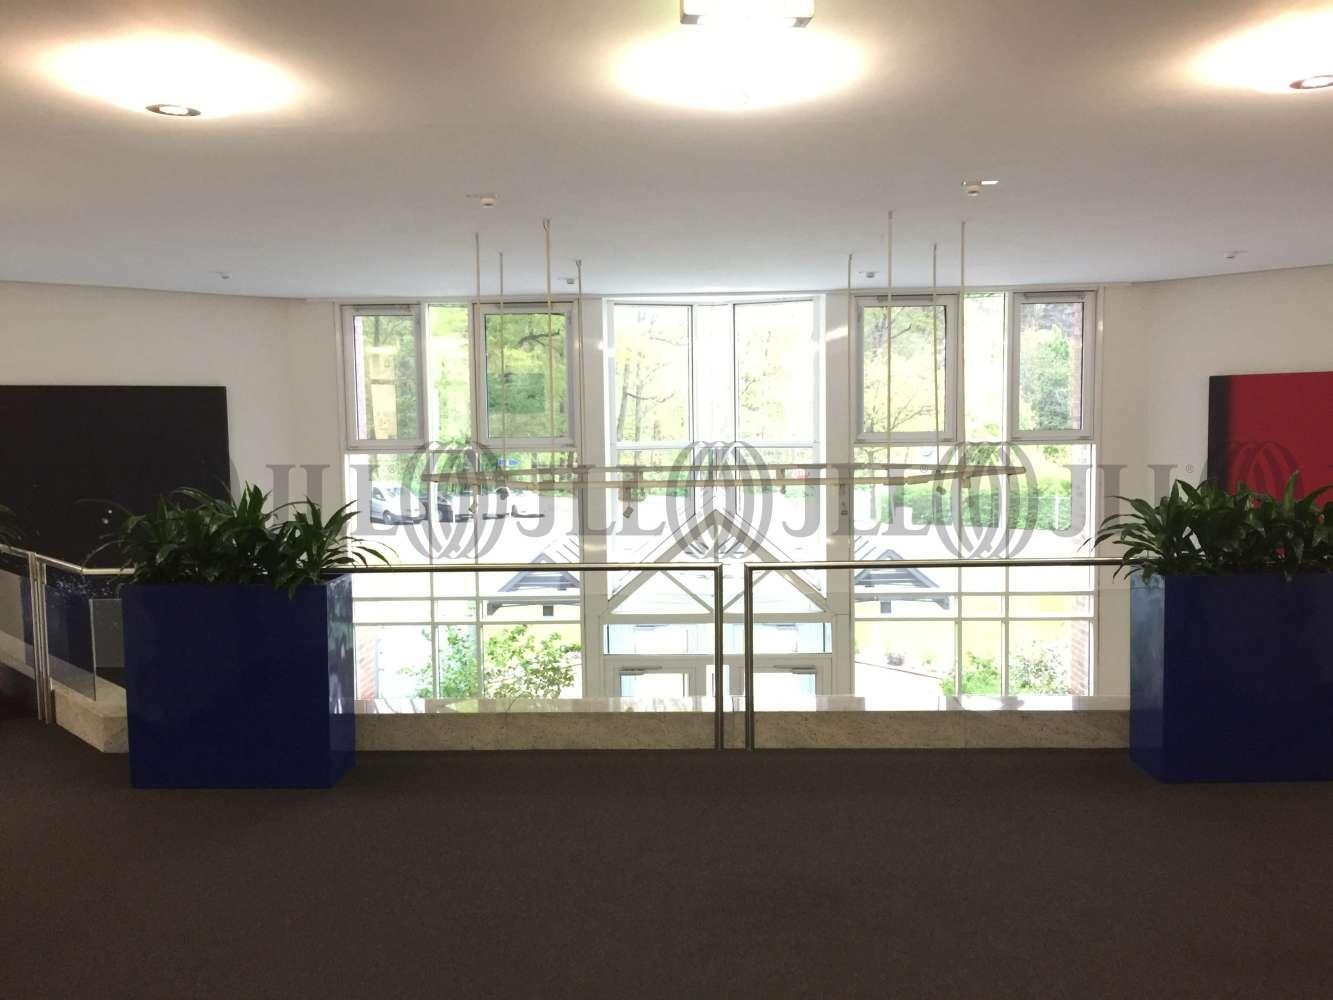 Büros Dreieich, 63303 - Büro - Dreieich, Dreieichenhain - F0040 - 9385309